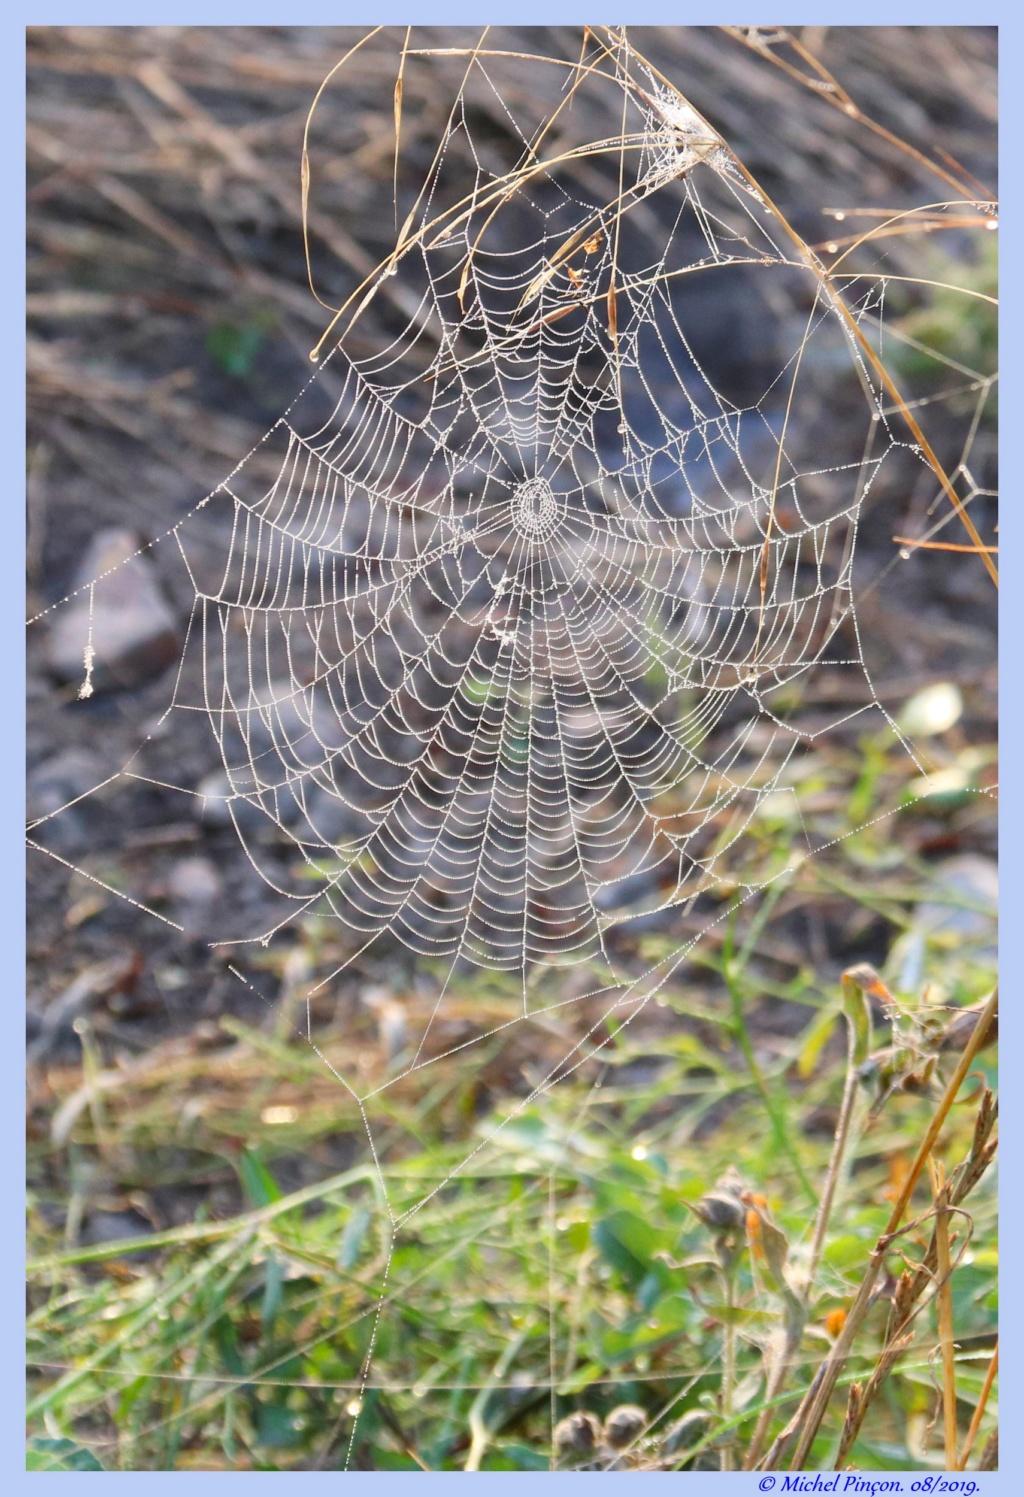 [Fil ouvert] Toile d'araignée - Page 2 Dsc04405